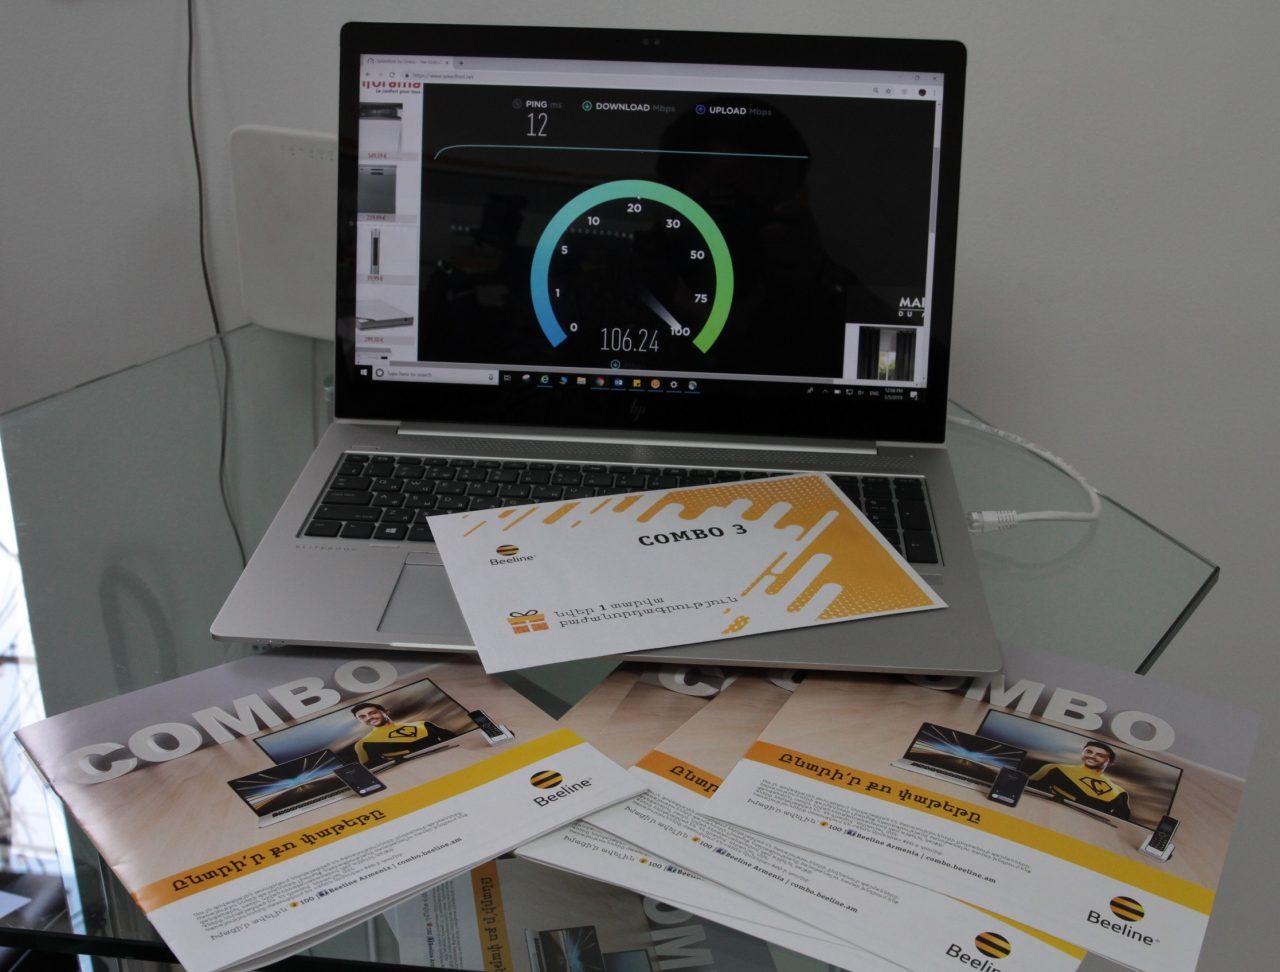 Абоненты Beeline в Ереване получат интернет со скоростью до 100 Мб/с по обычной телефонной линии